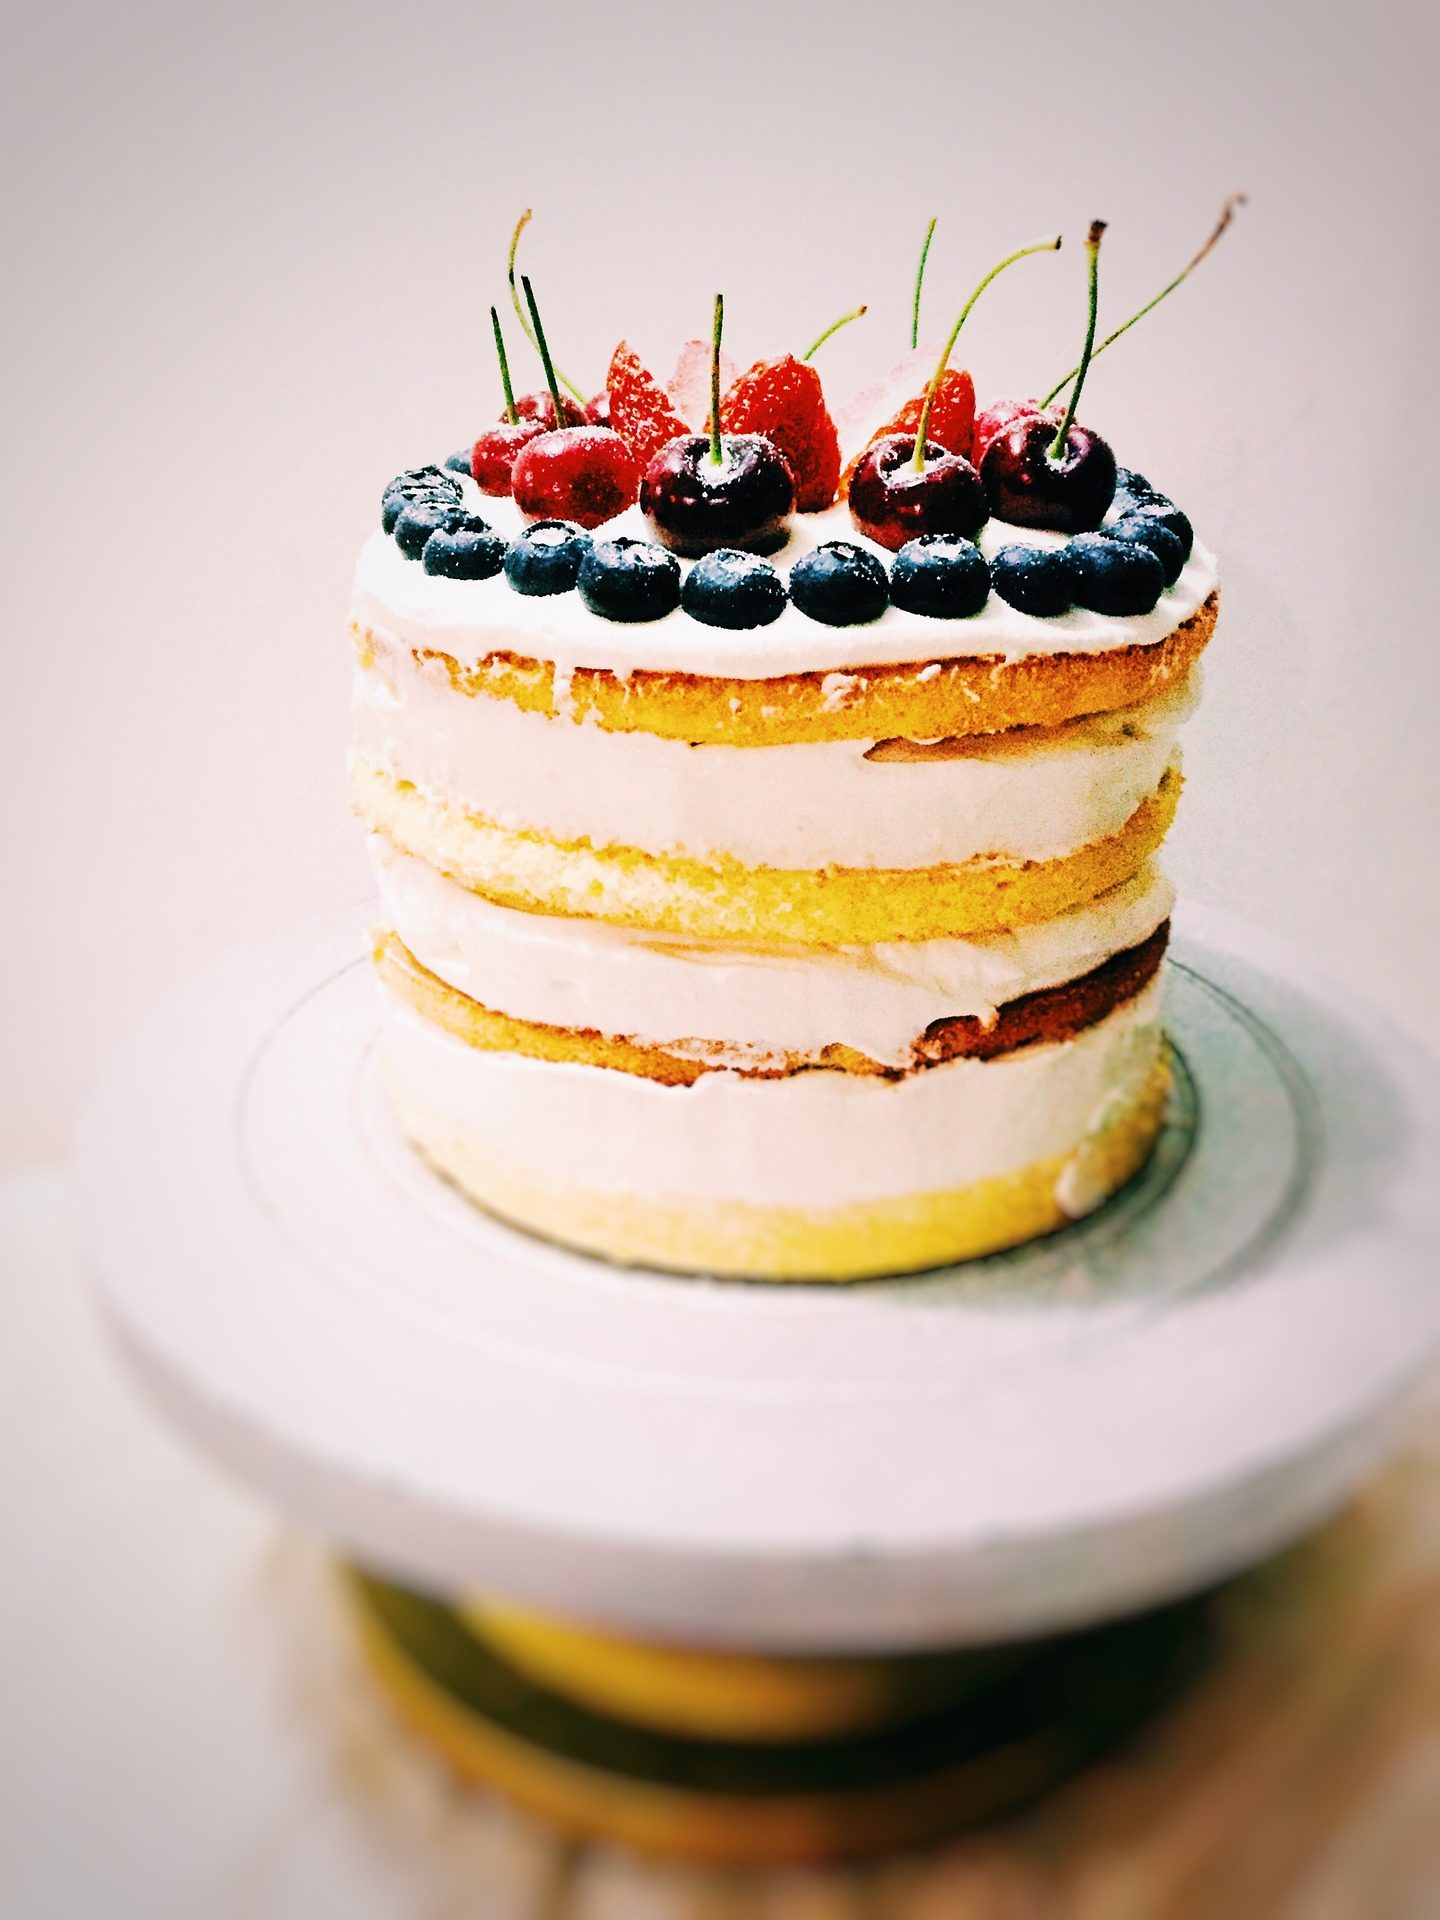 tarta, gâteau, dessert, gâteau mousseline, cerises aigres - Fonds d'écran HD - Professor-falken.com